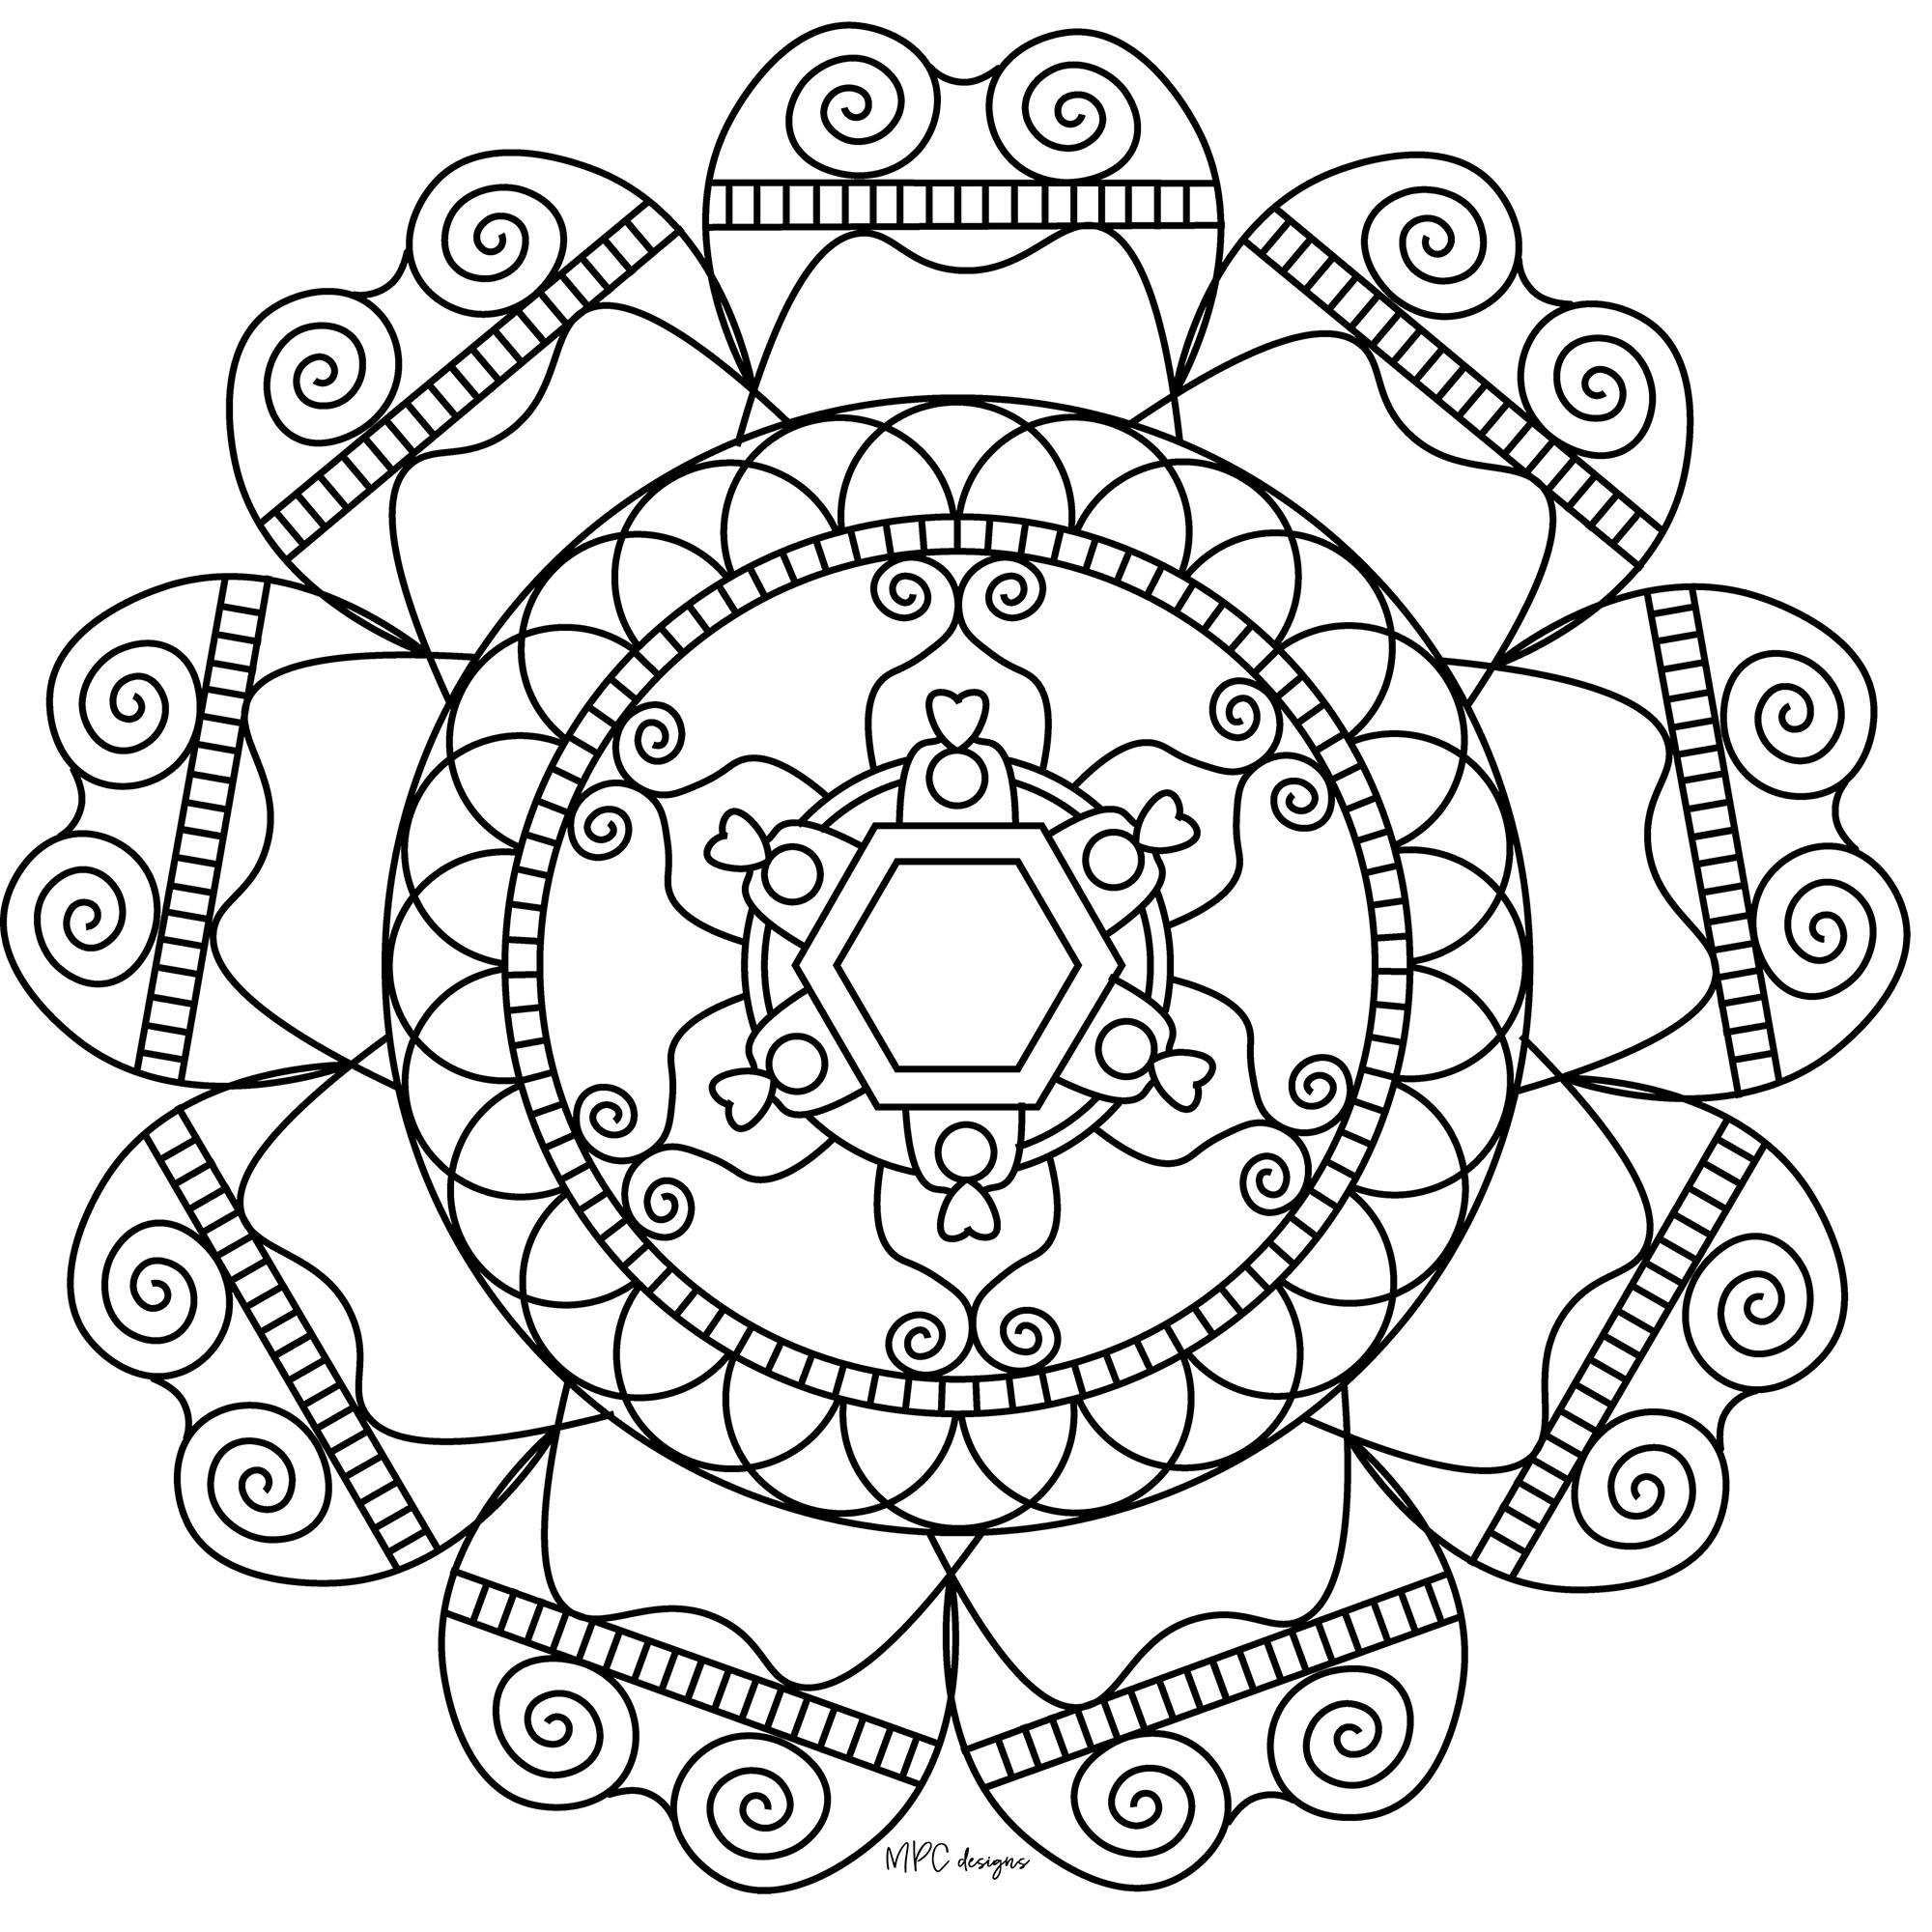 Mandala with arabesques